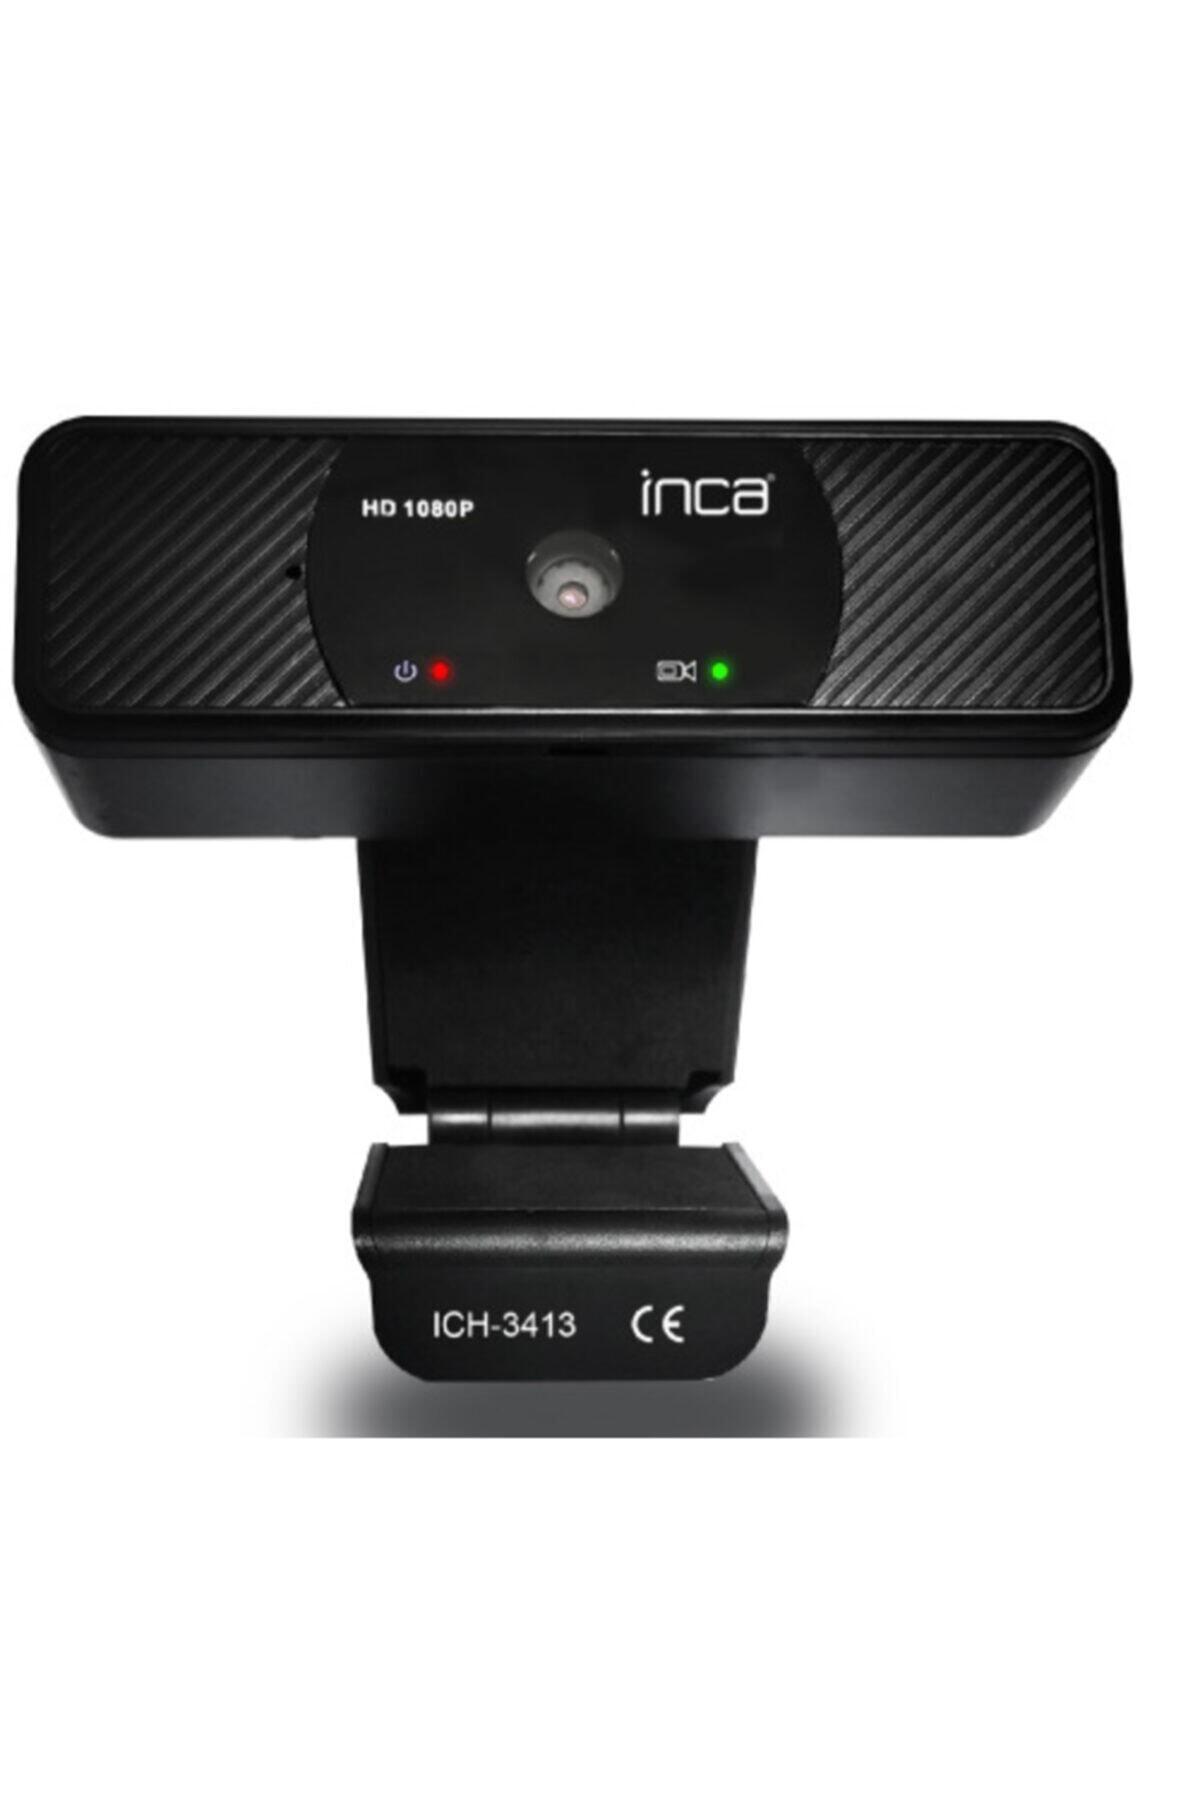 Inca Ich-3413 1080p Full Hd 2mp Pc Kamera Webcam 1